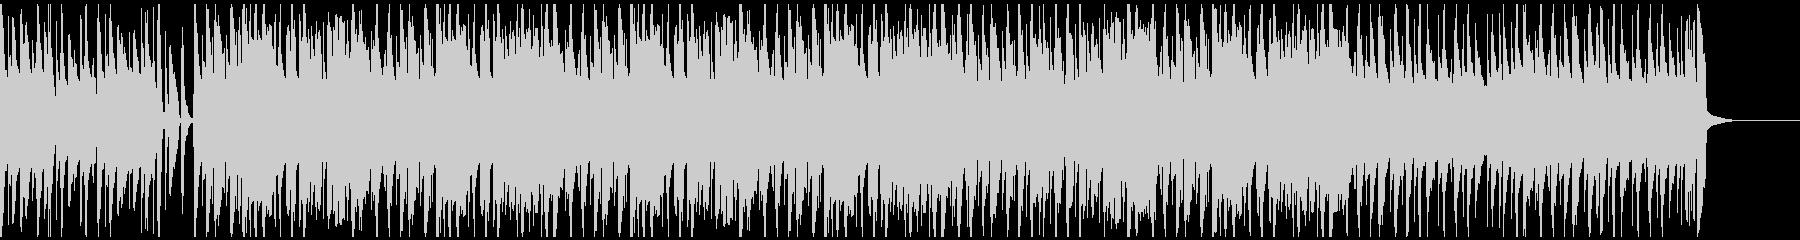 ウクレレと口笛のシンプルで明るいBGMの未再生の波形